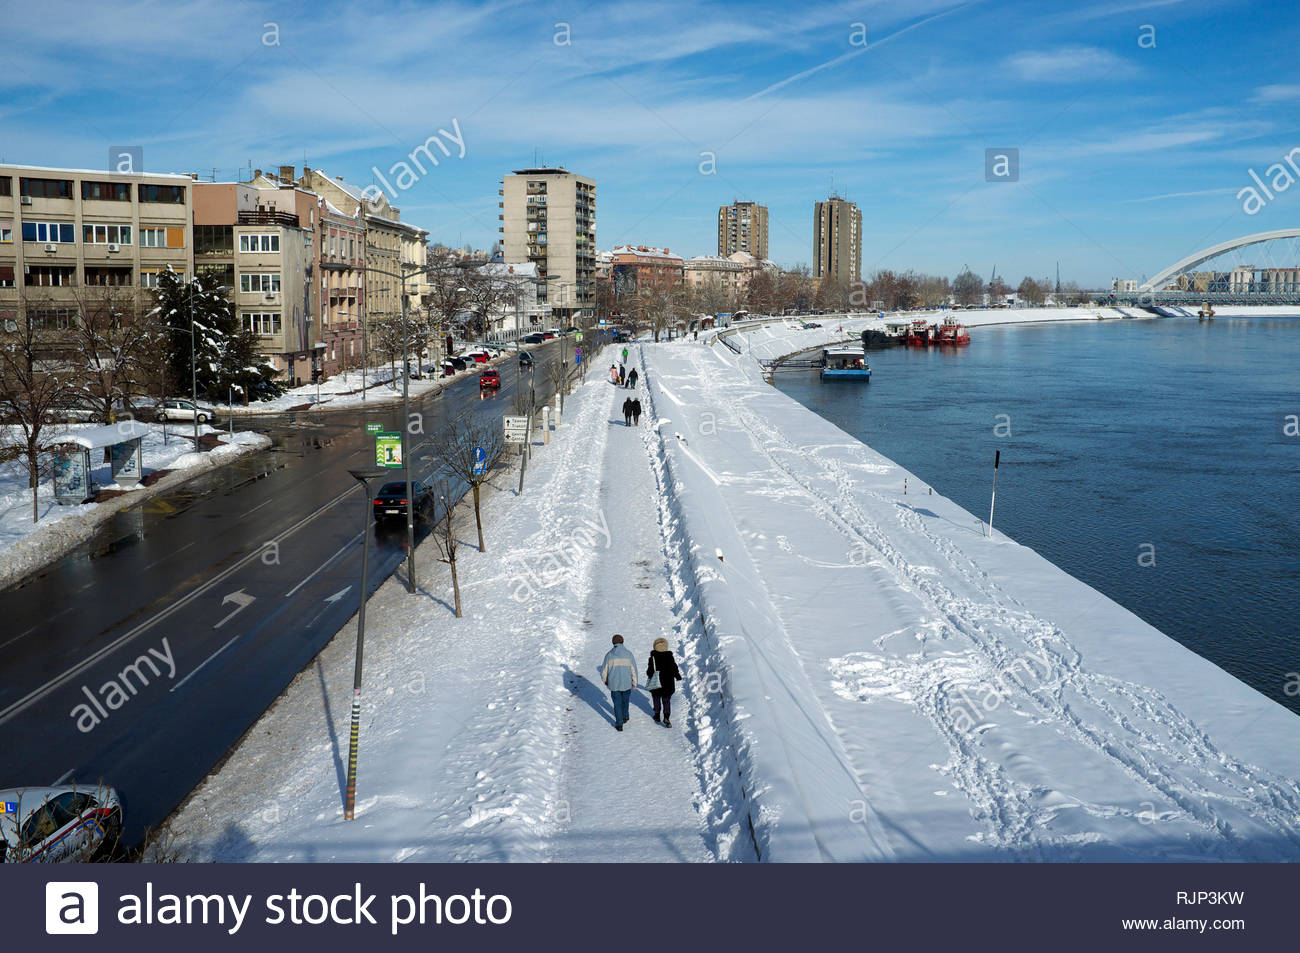 The River Danube and the city of Novi Sad, Vojvodina, Serbia. Stock Photo